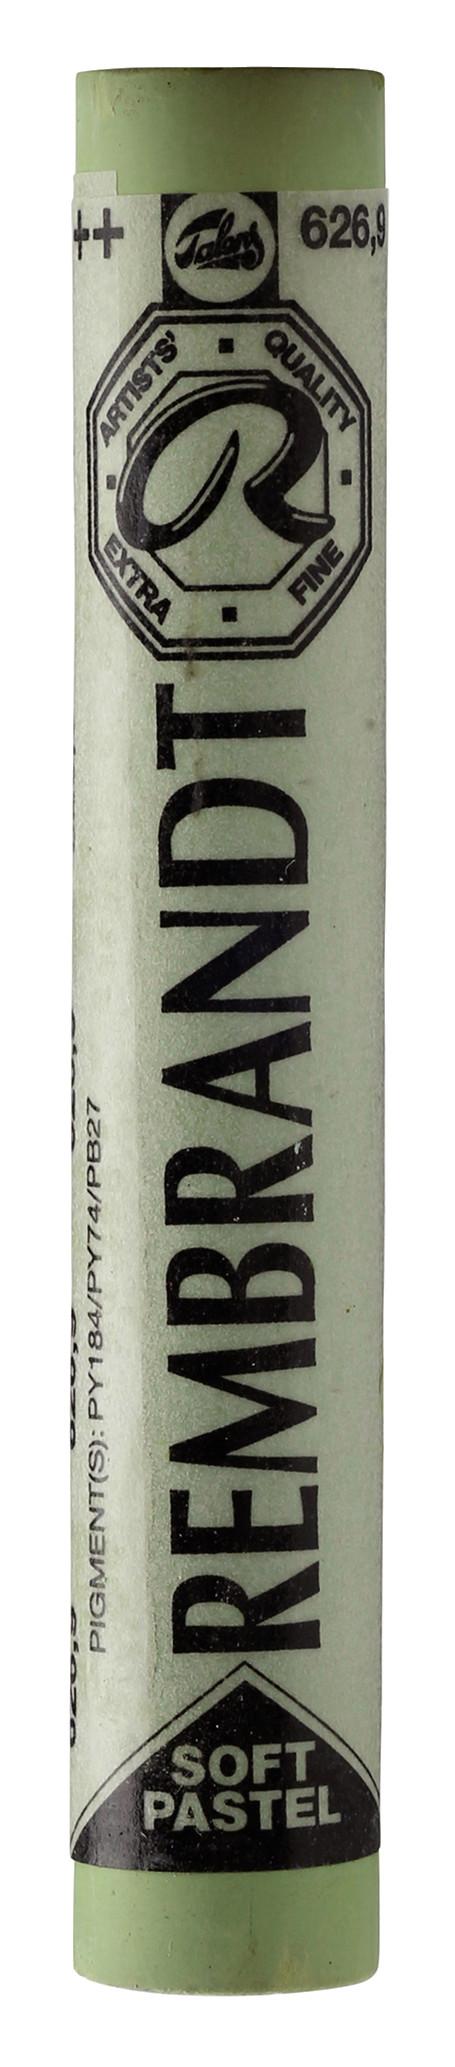 Rembrandt Soft Pastel Round Full Stick Cinnabar Green Light(9) (626.9)